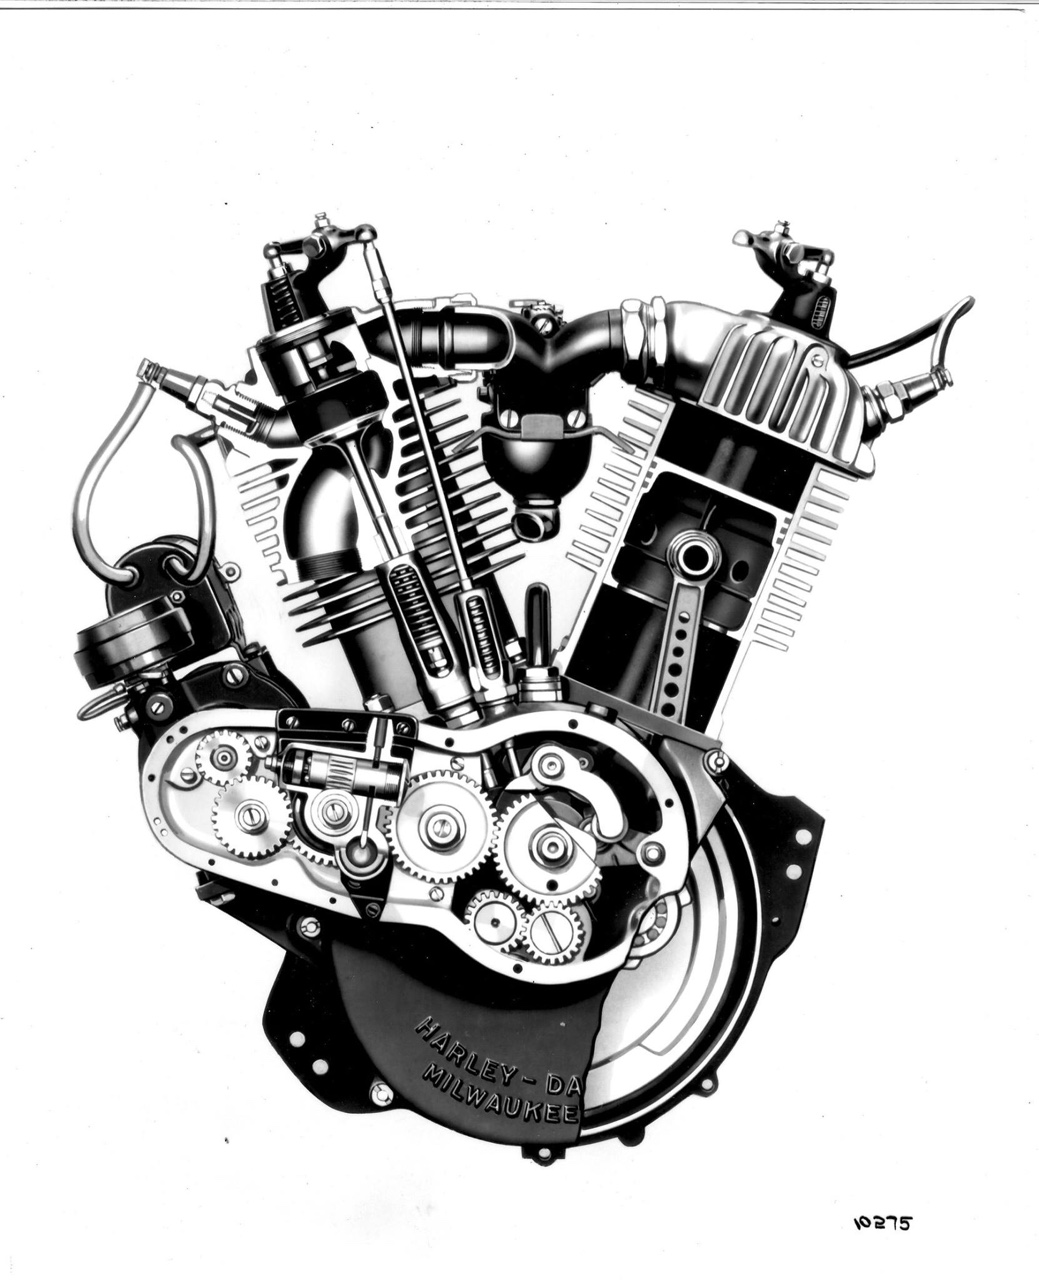 Evolución del motor F-Head